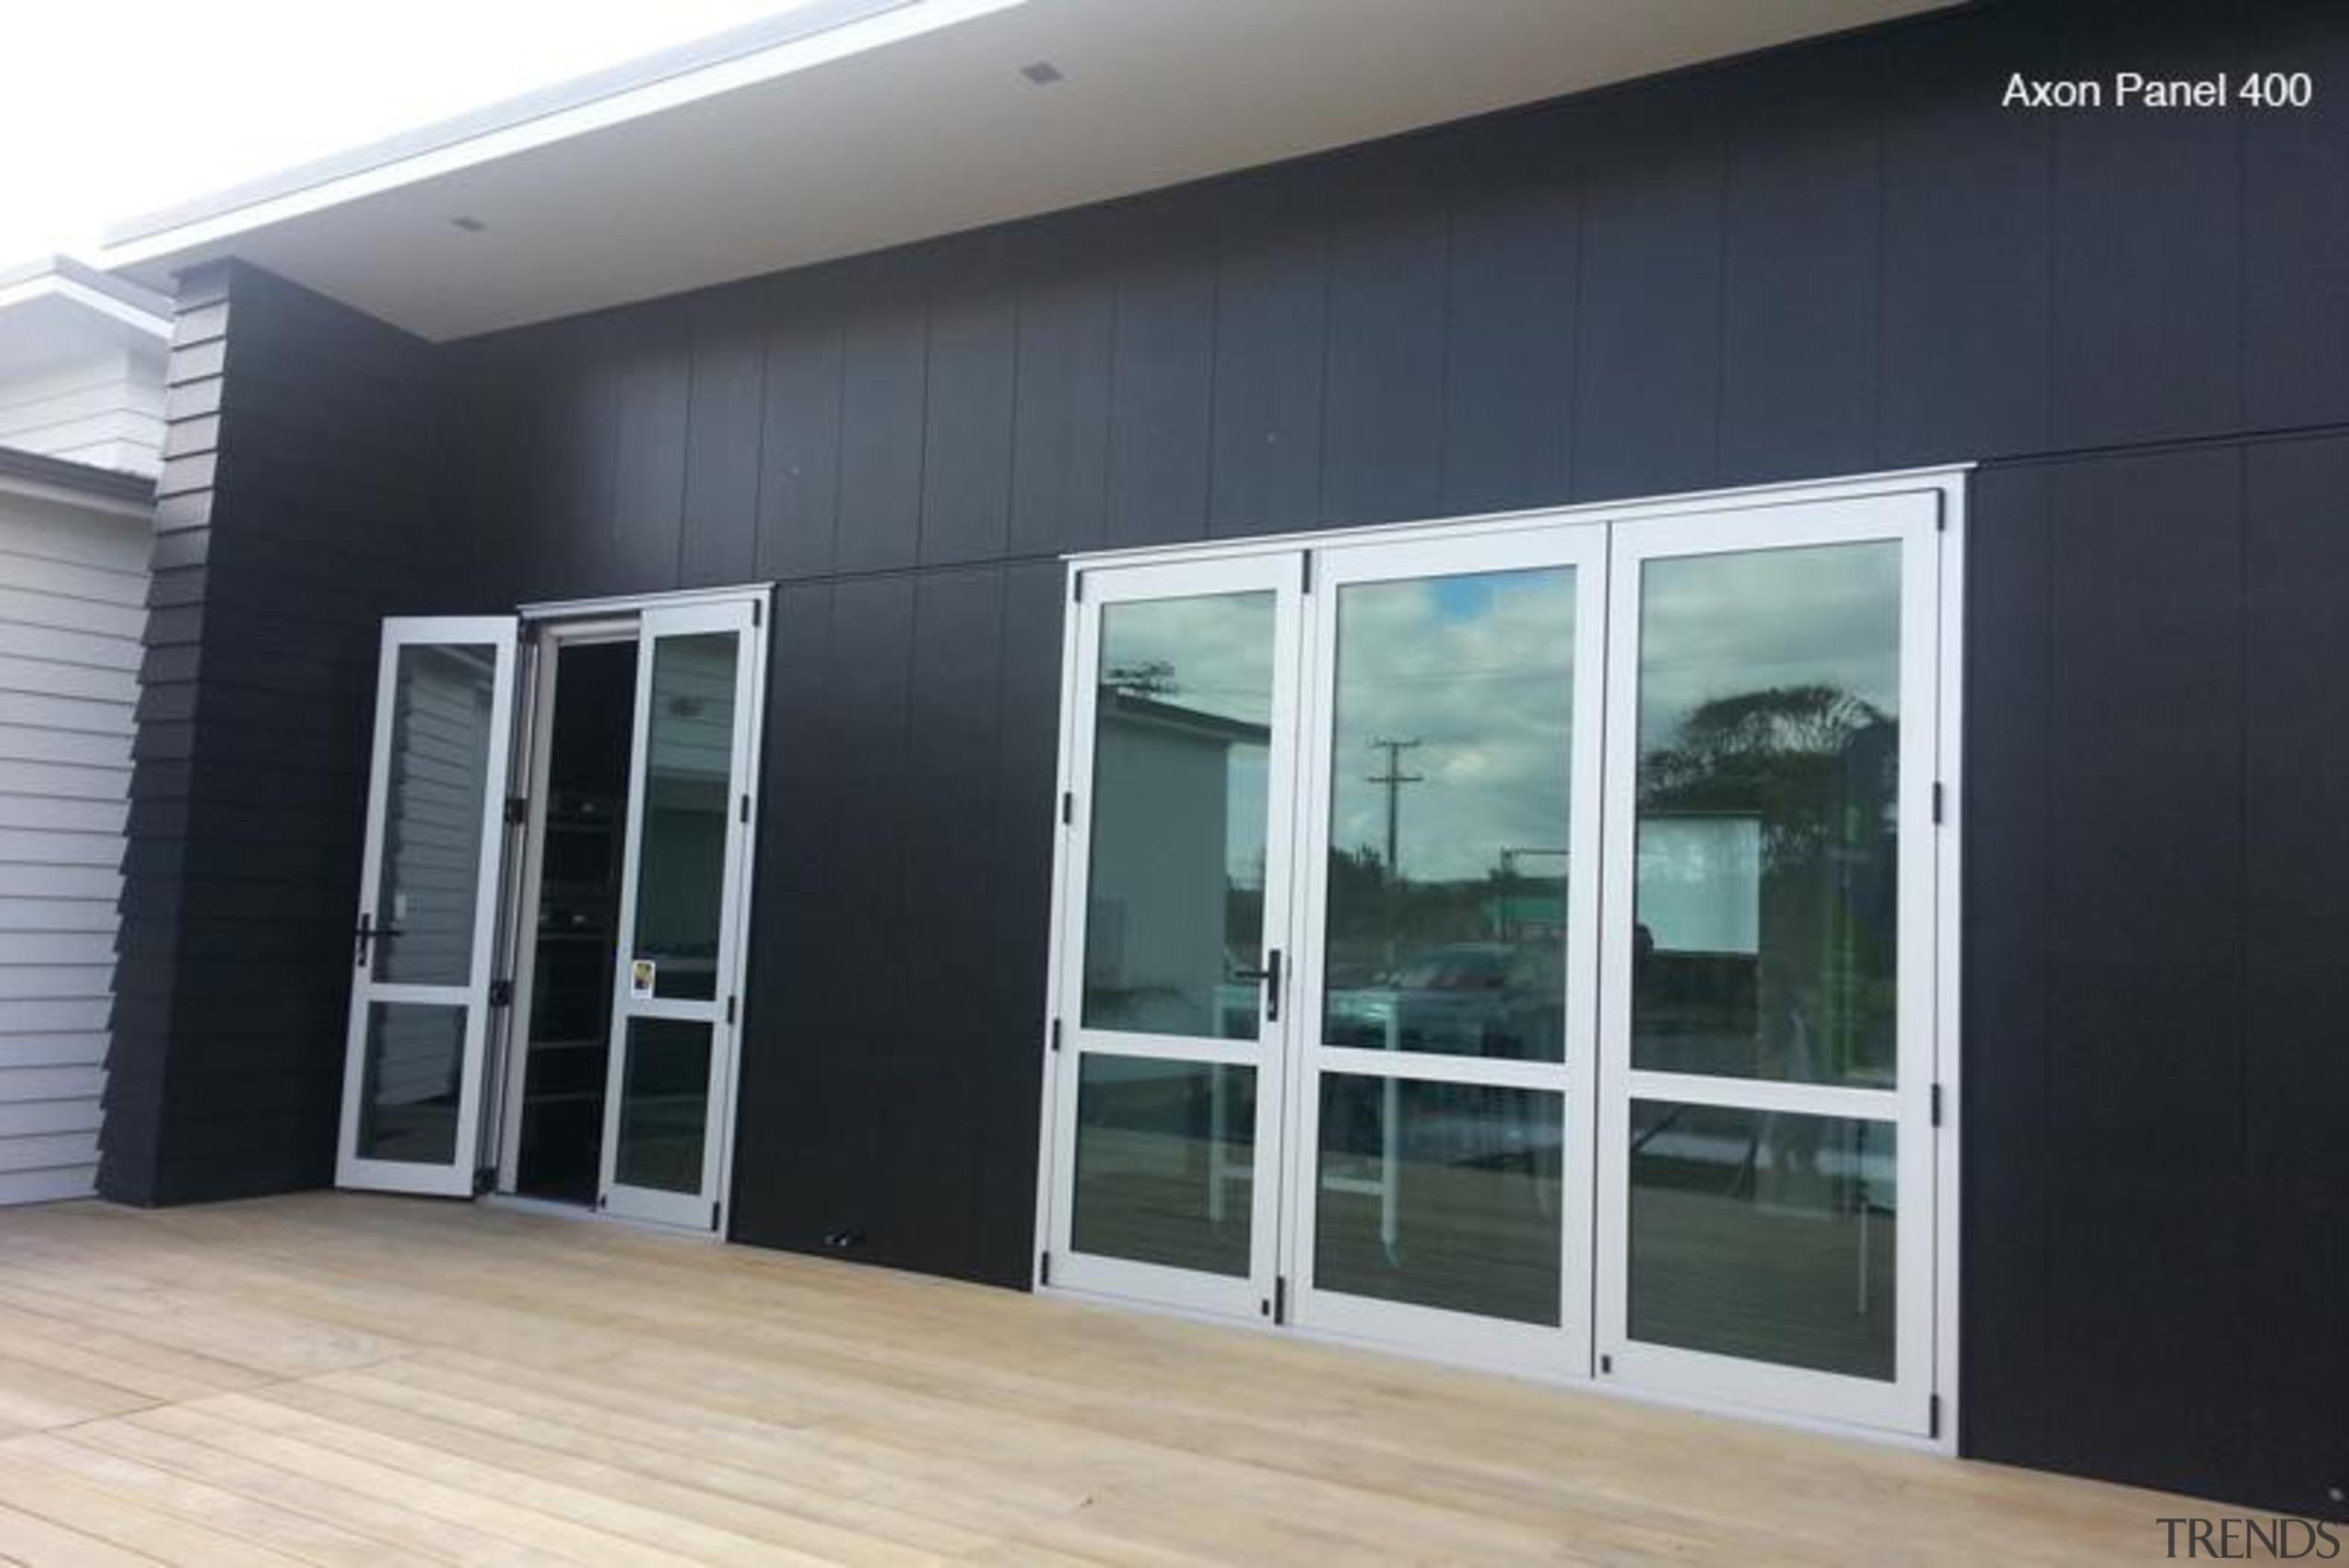 Axon Panel - Axon Panel - door | door, facade, glass, real estate, window, black, gray